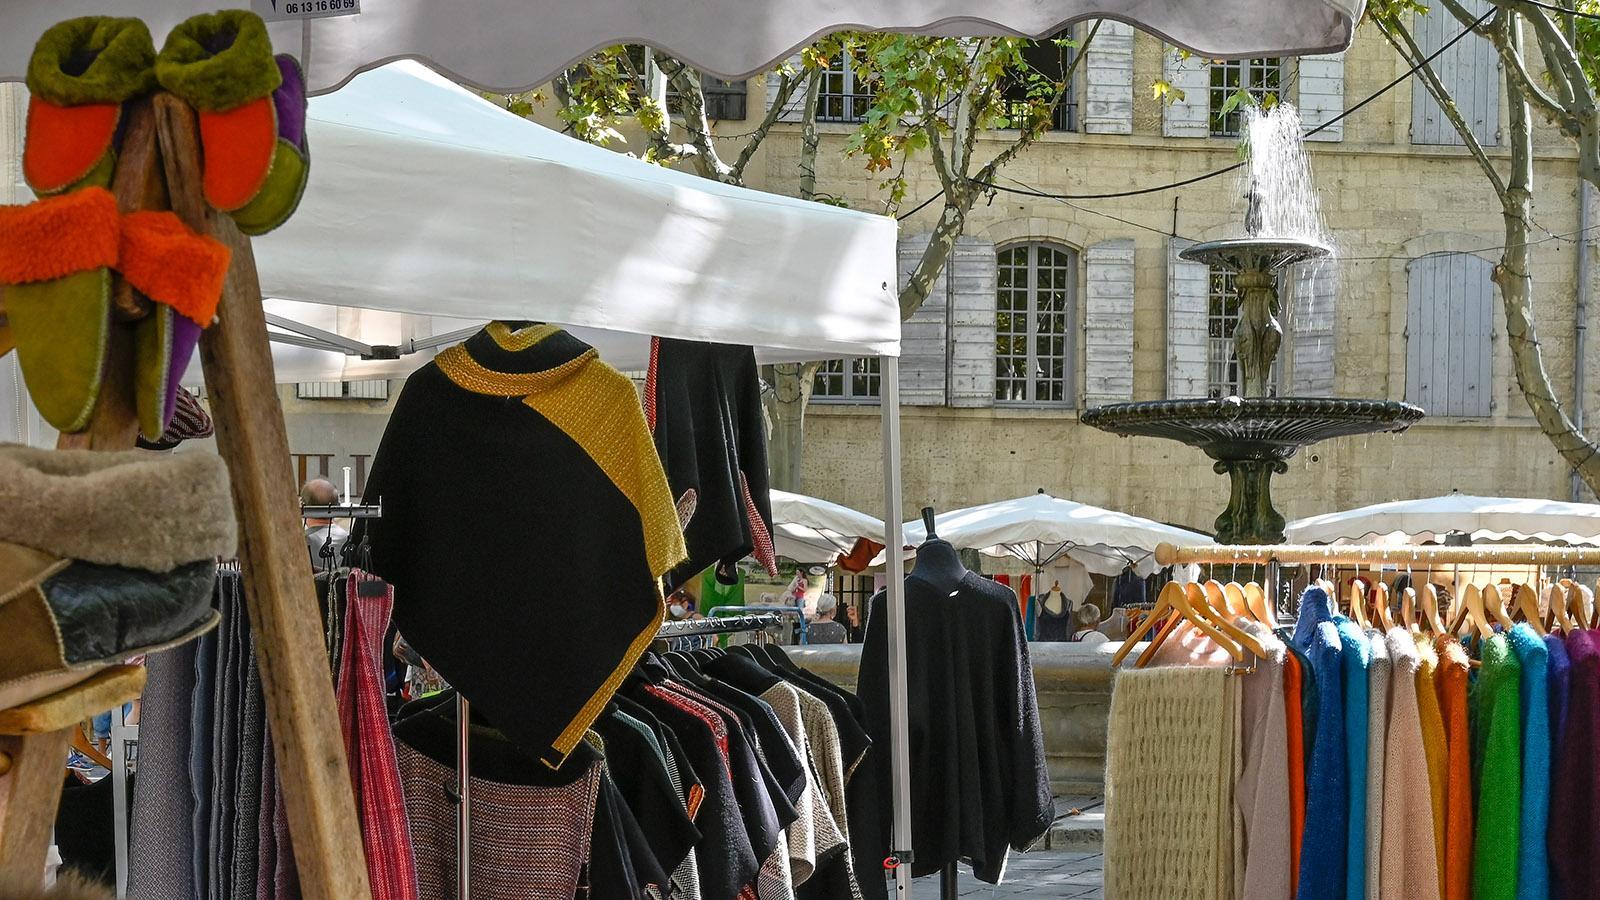 Sonntags verkaufen Kunsthandwerker ihre Produkte - Textiles, Strick und Schmuck dominieren. Foto: Hilke Maunder